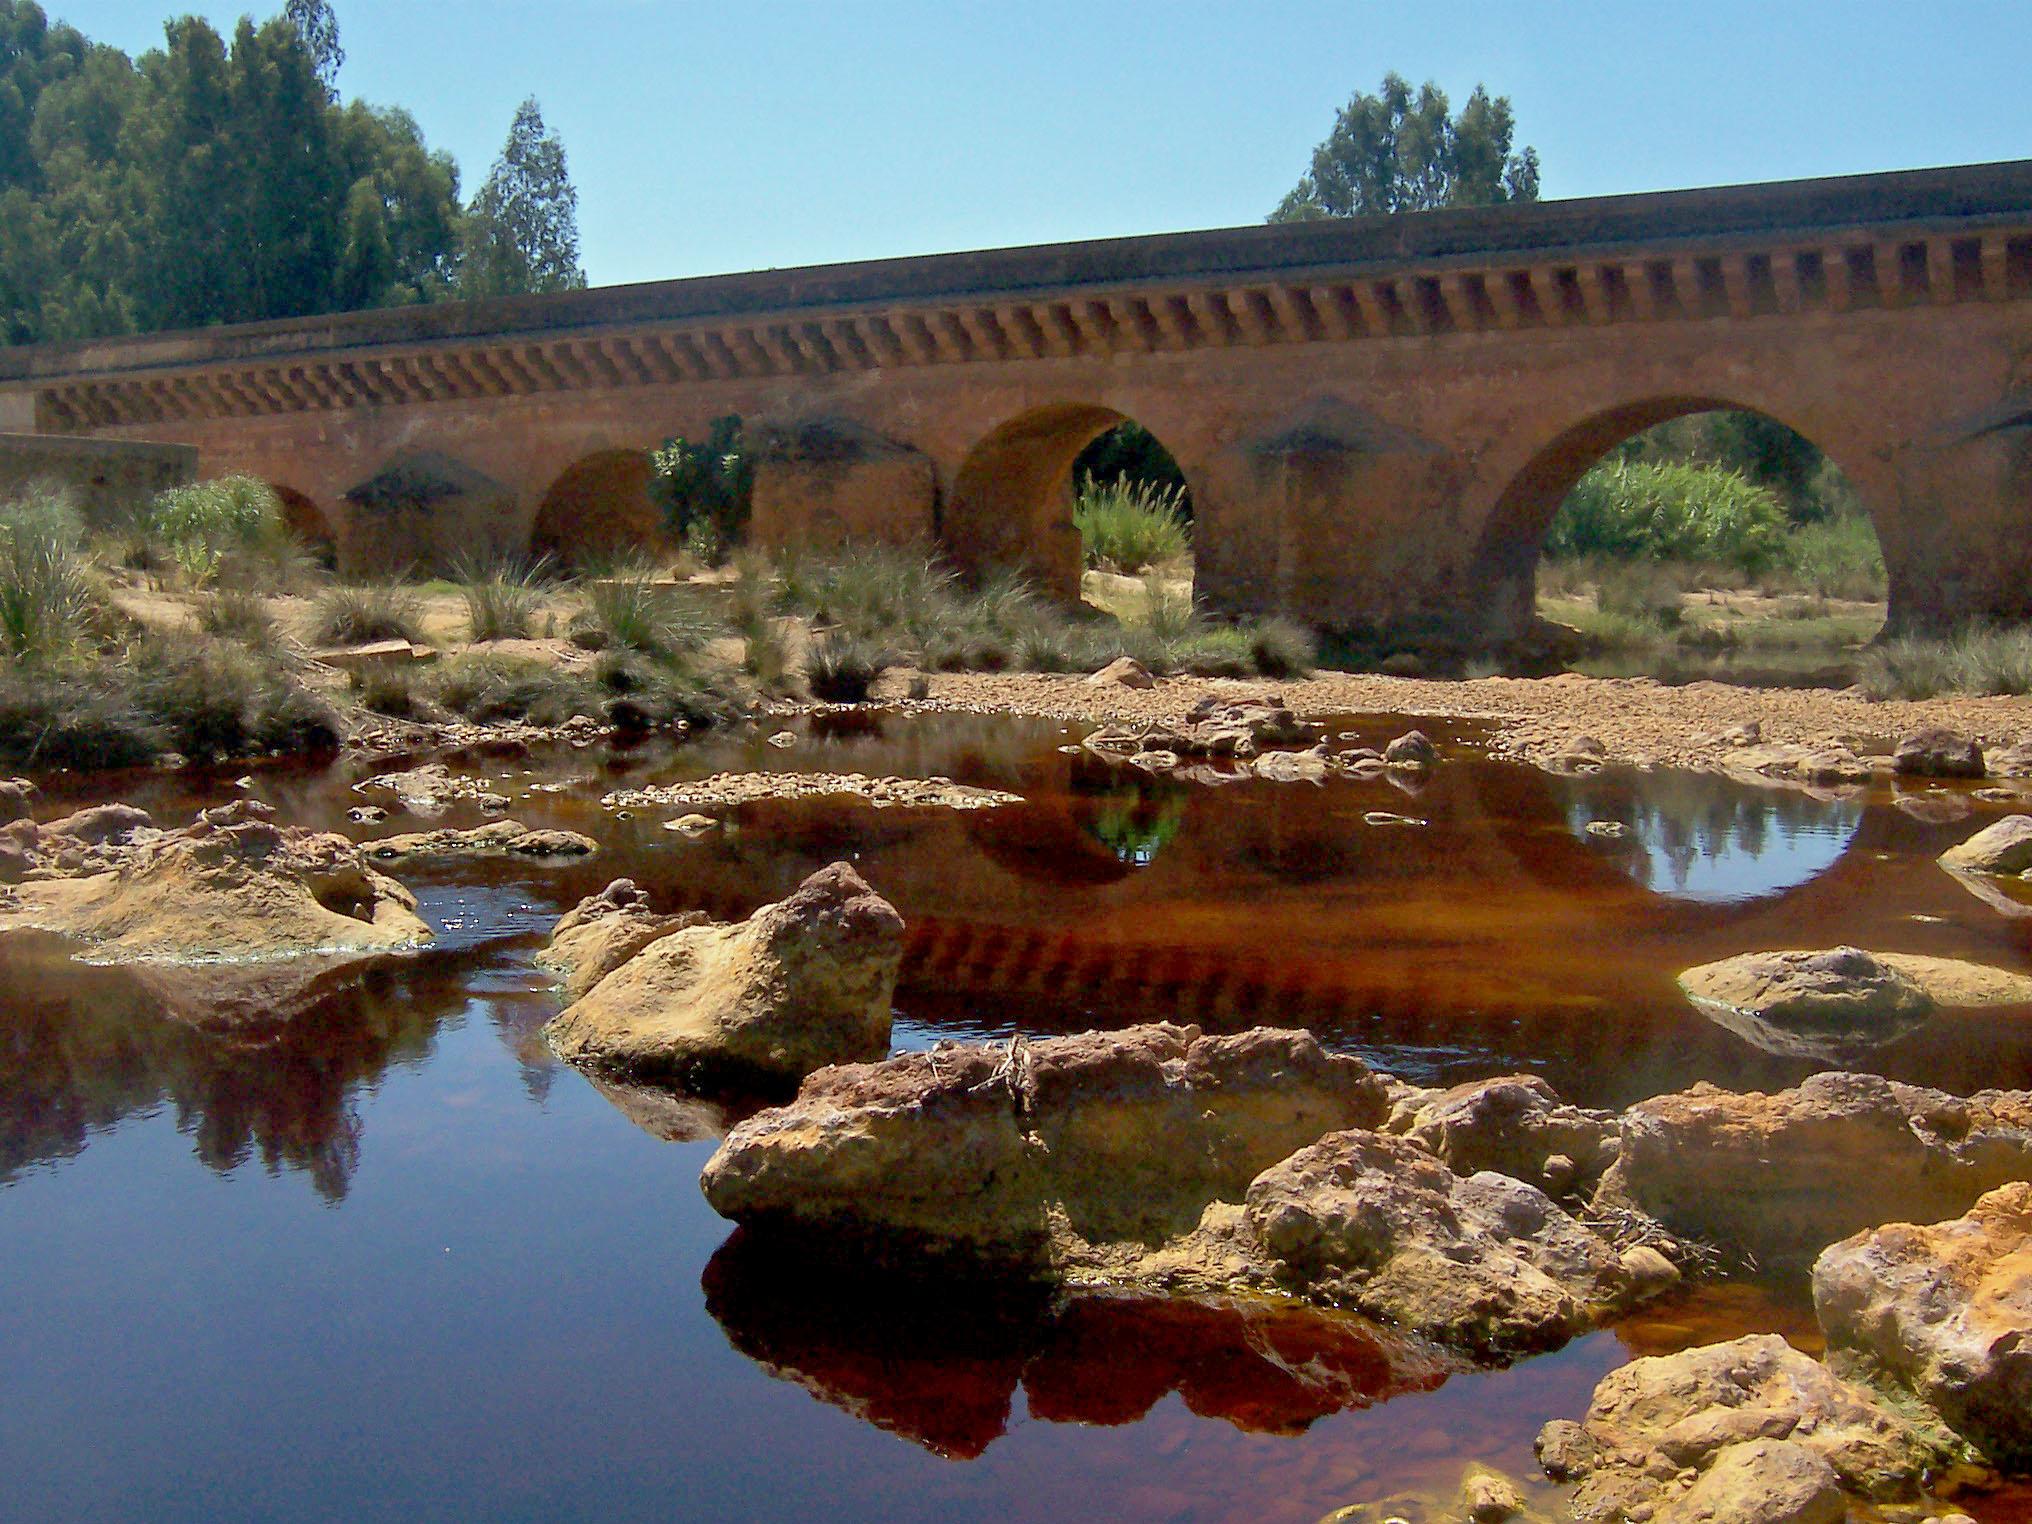 Los yacimientos ocultos del río Tinto, desvelados gracias a la tecnología 3D